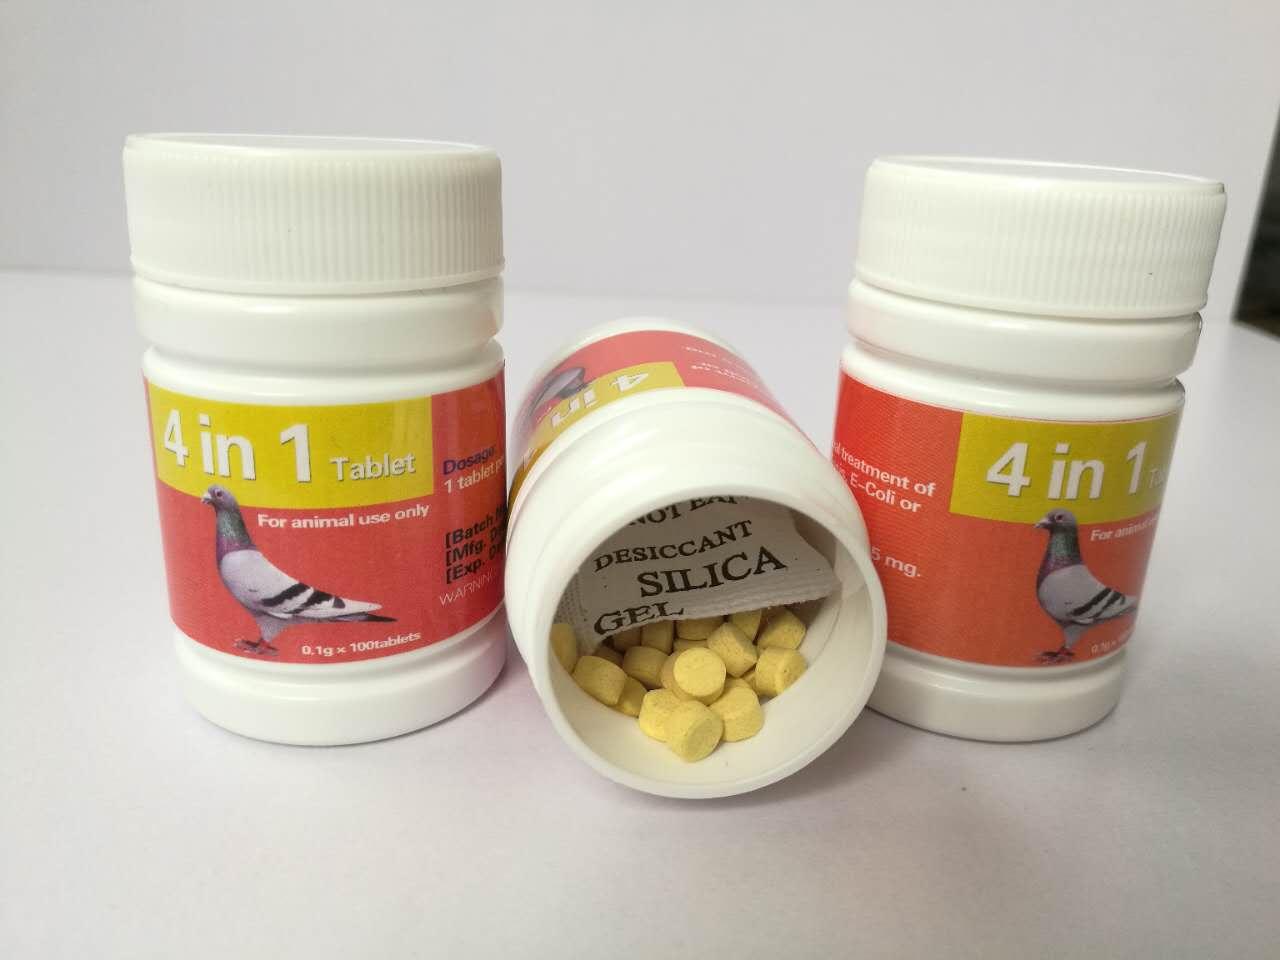 Racing Pigeon Medicine Furaltadone Ronidazole 4 in 1 Tablet